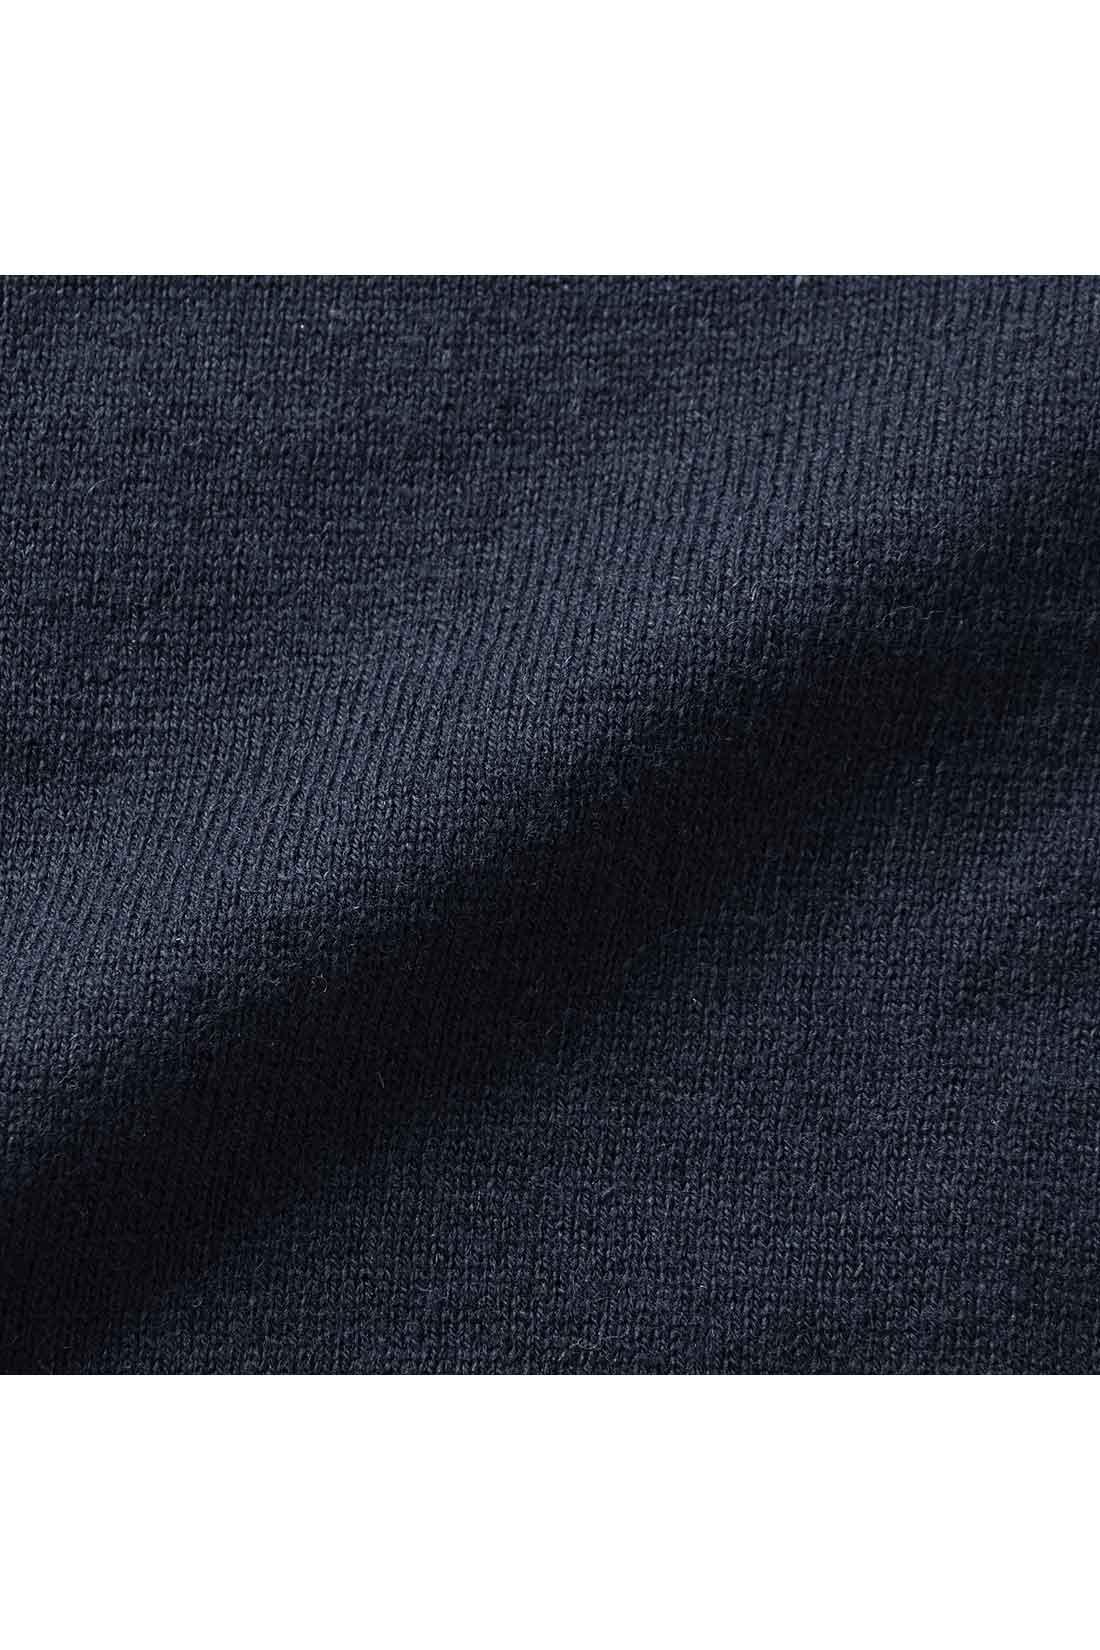 かわいすぎる外見とはウラハラに麻混のこだわり糸を使っています。